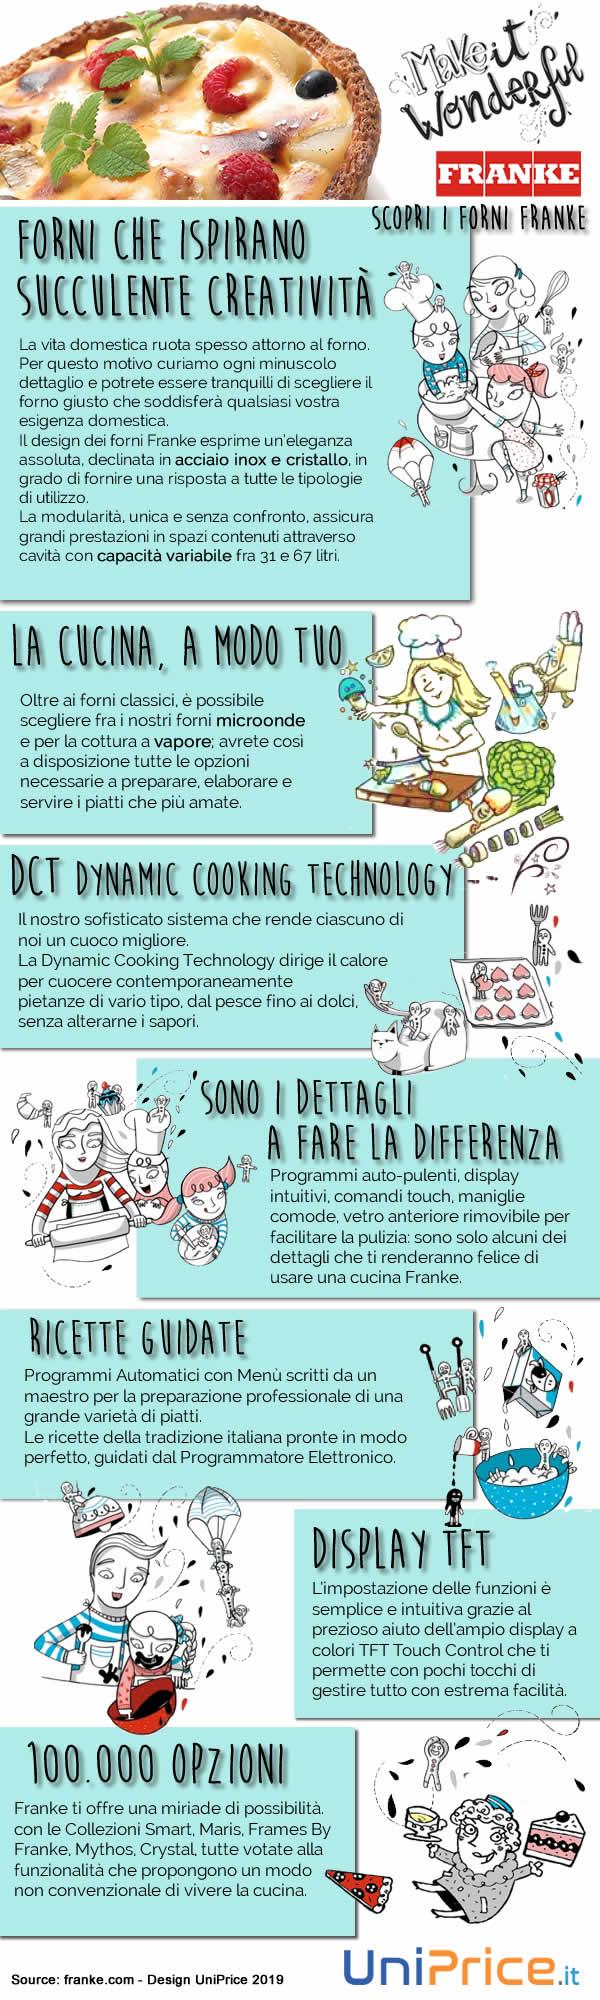 Forni Franke Protagonisti in Cucina Infografica